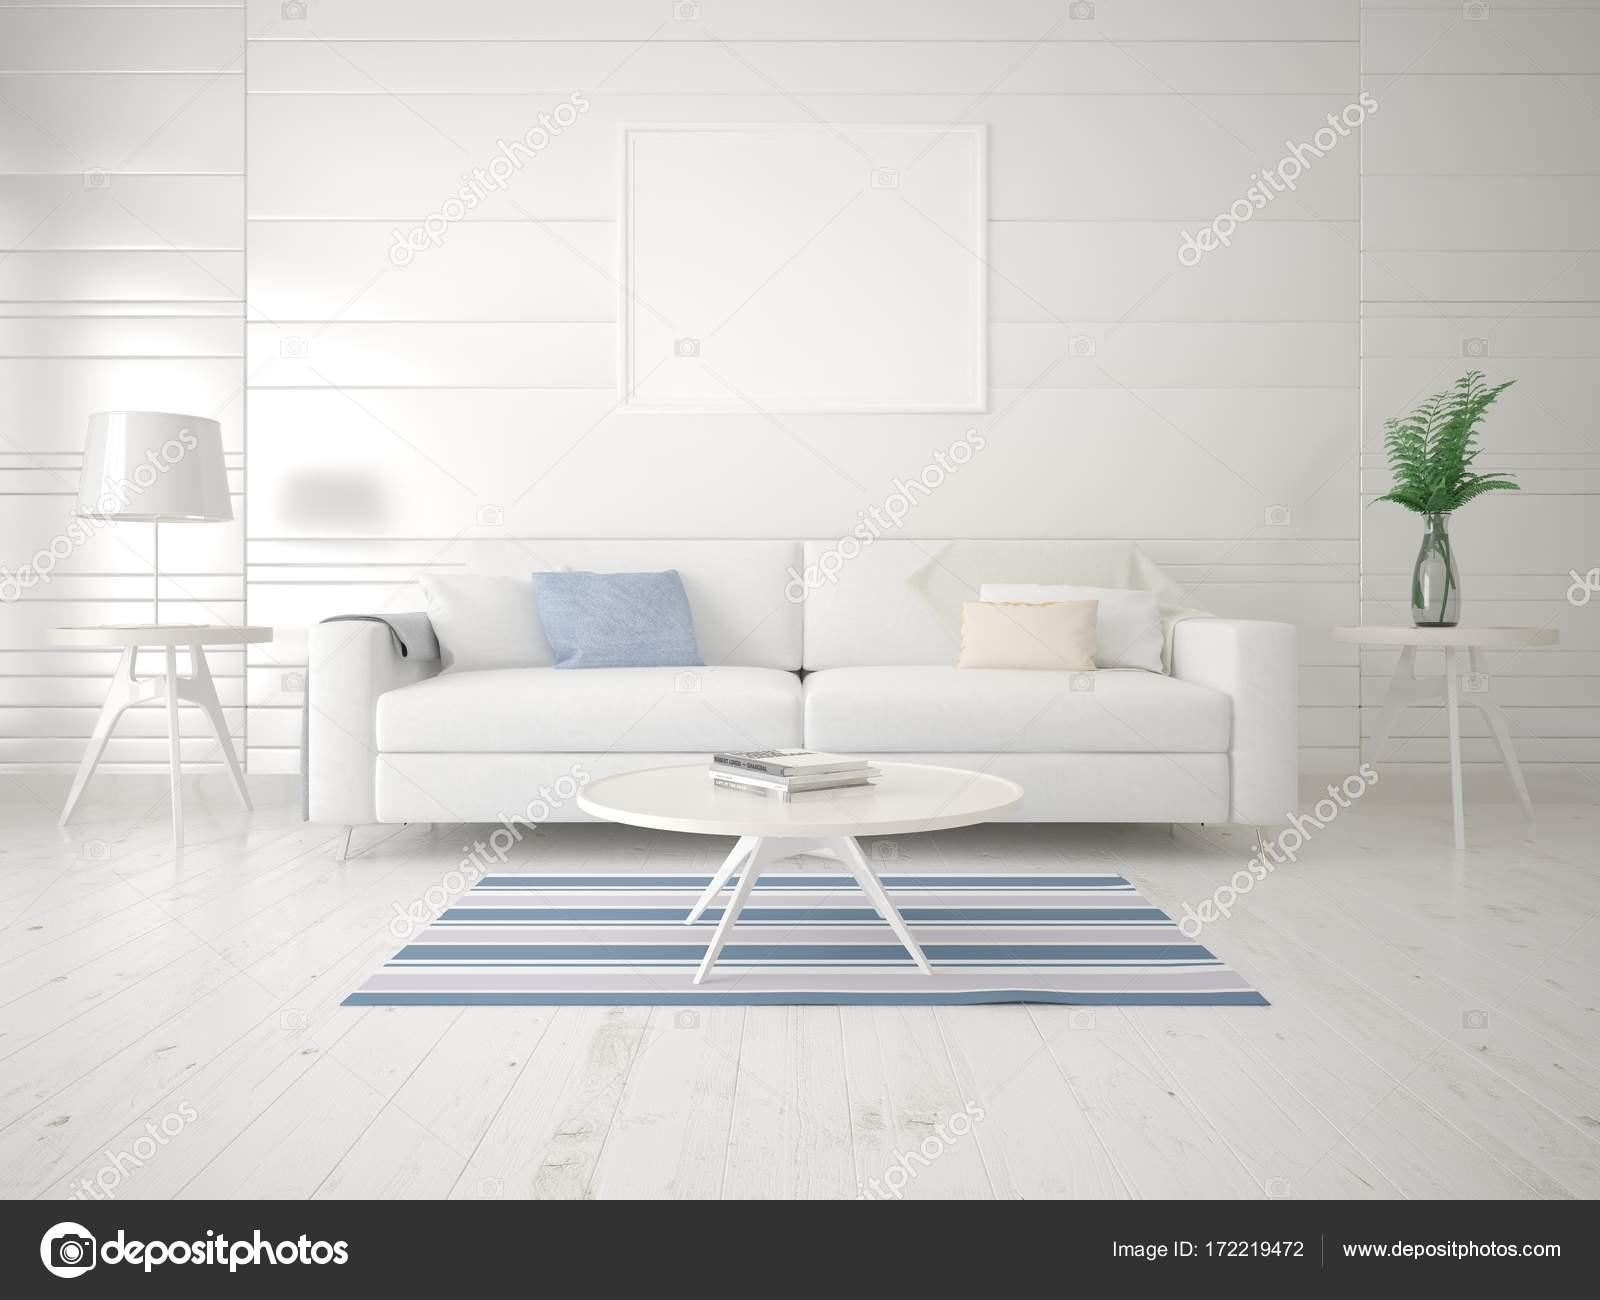 Exklusive Bilder Wohnzimmer ~ Mock up eine exklusive wohnzimmer mit hellen sofa u stockfoto